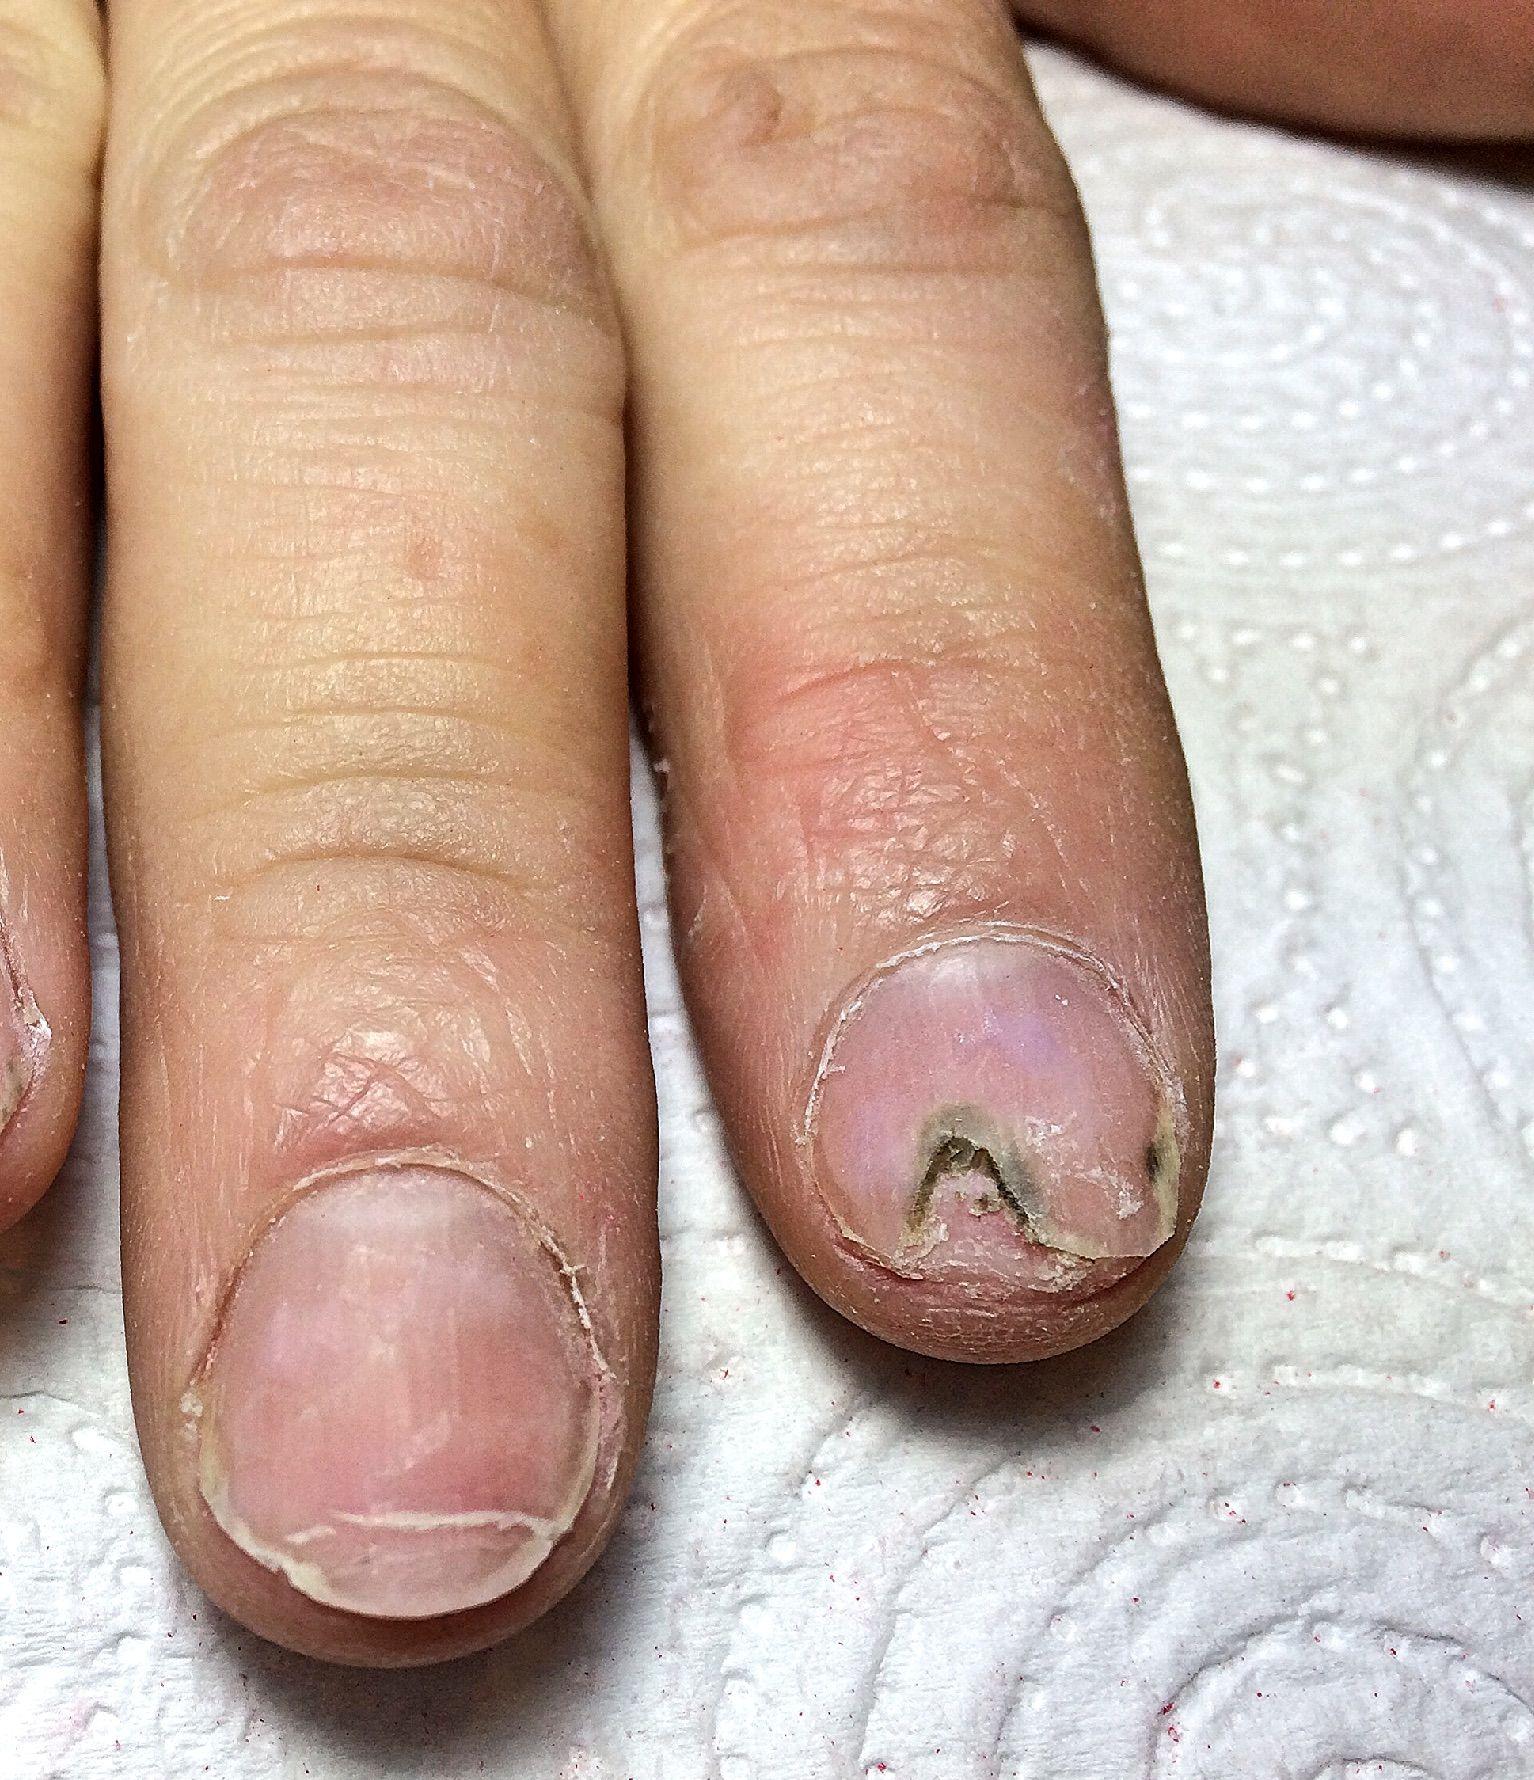 Incrinatura tra dita del piede un trattamento di fungo